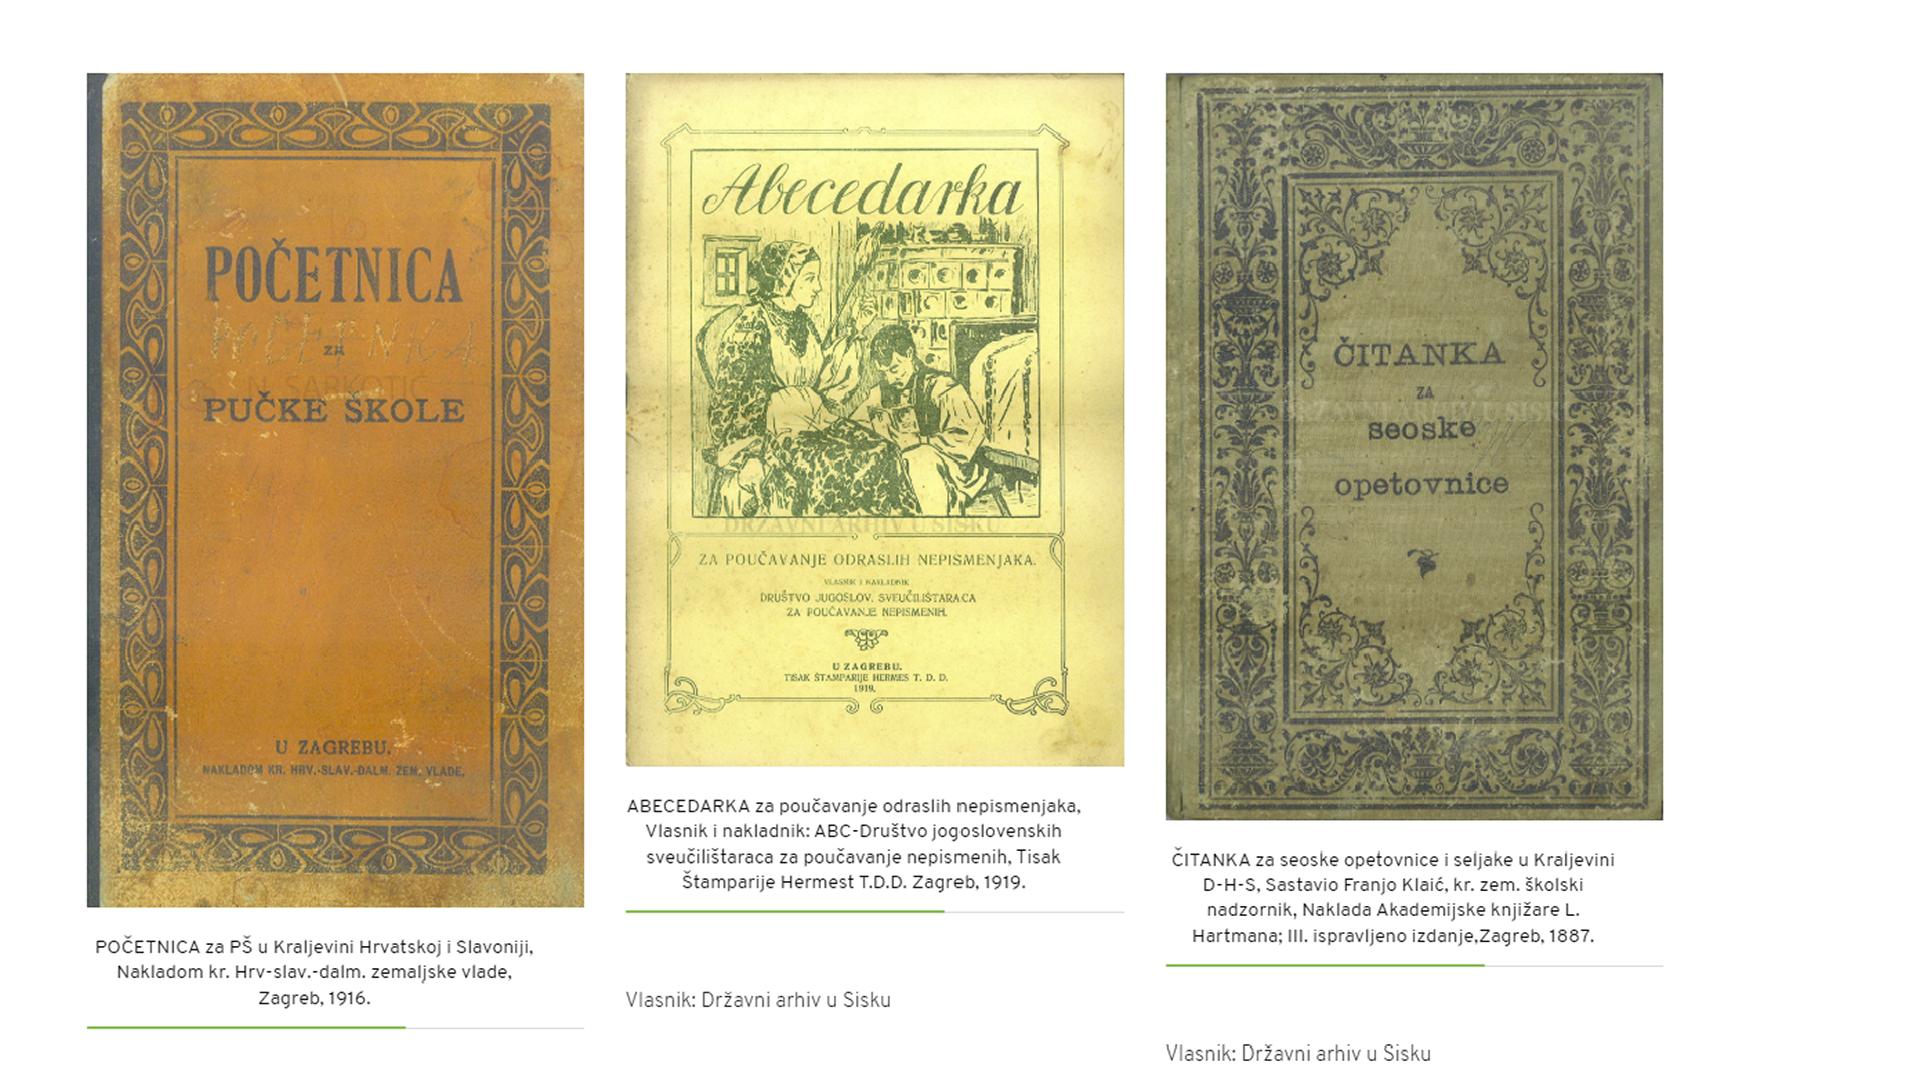 Državni arhiv u Sisku